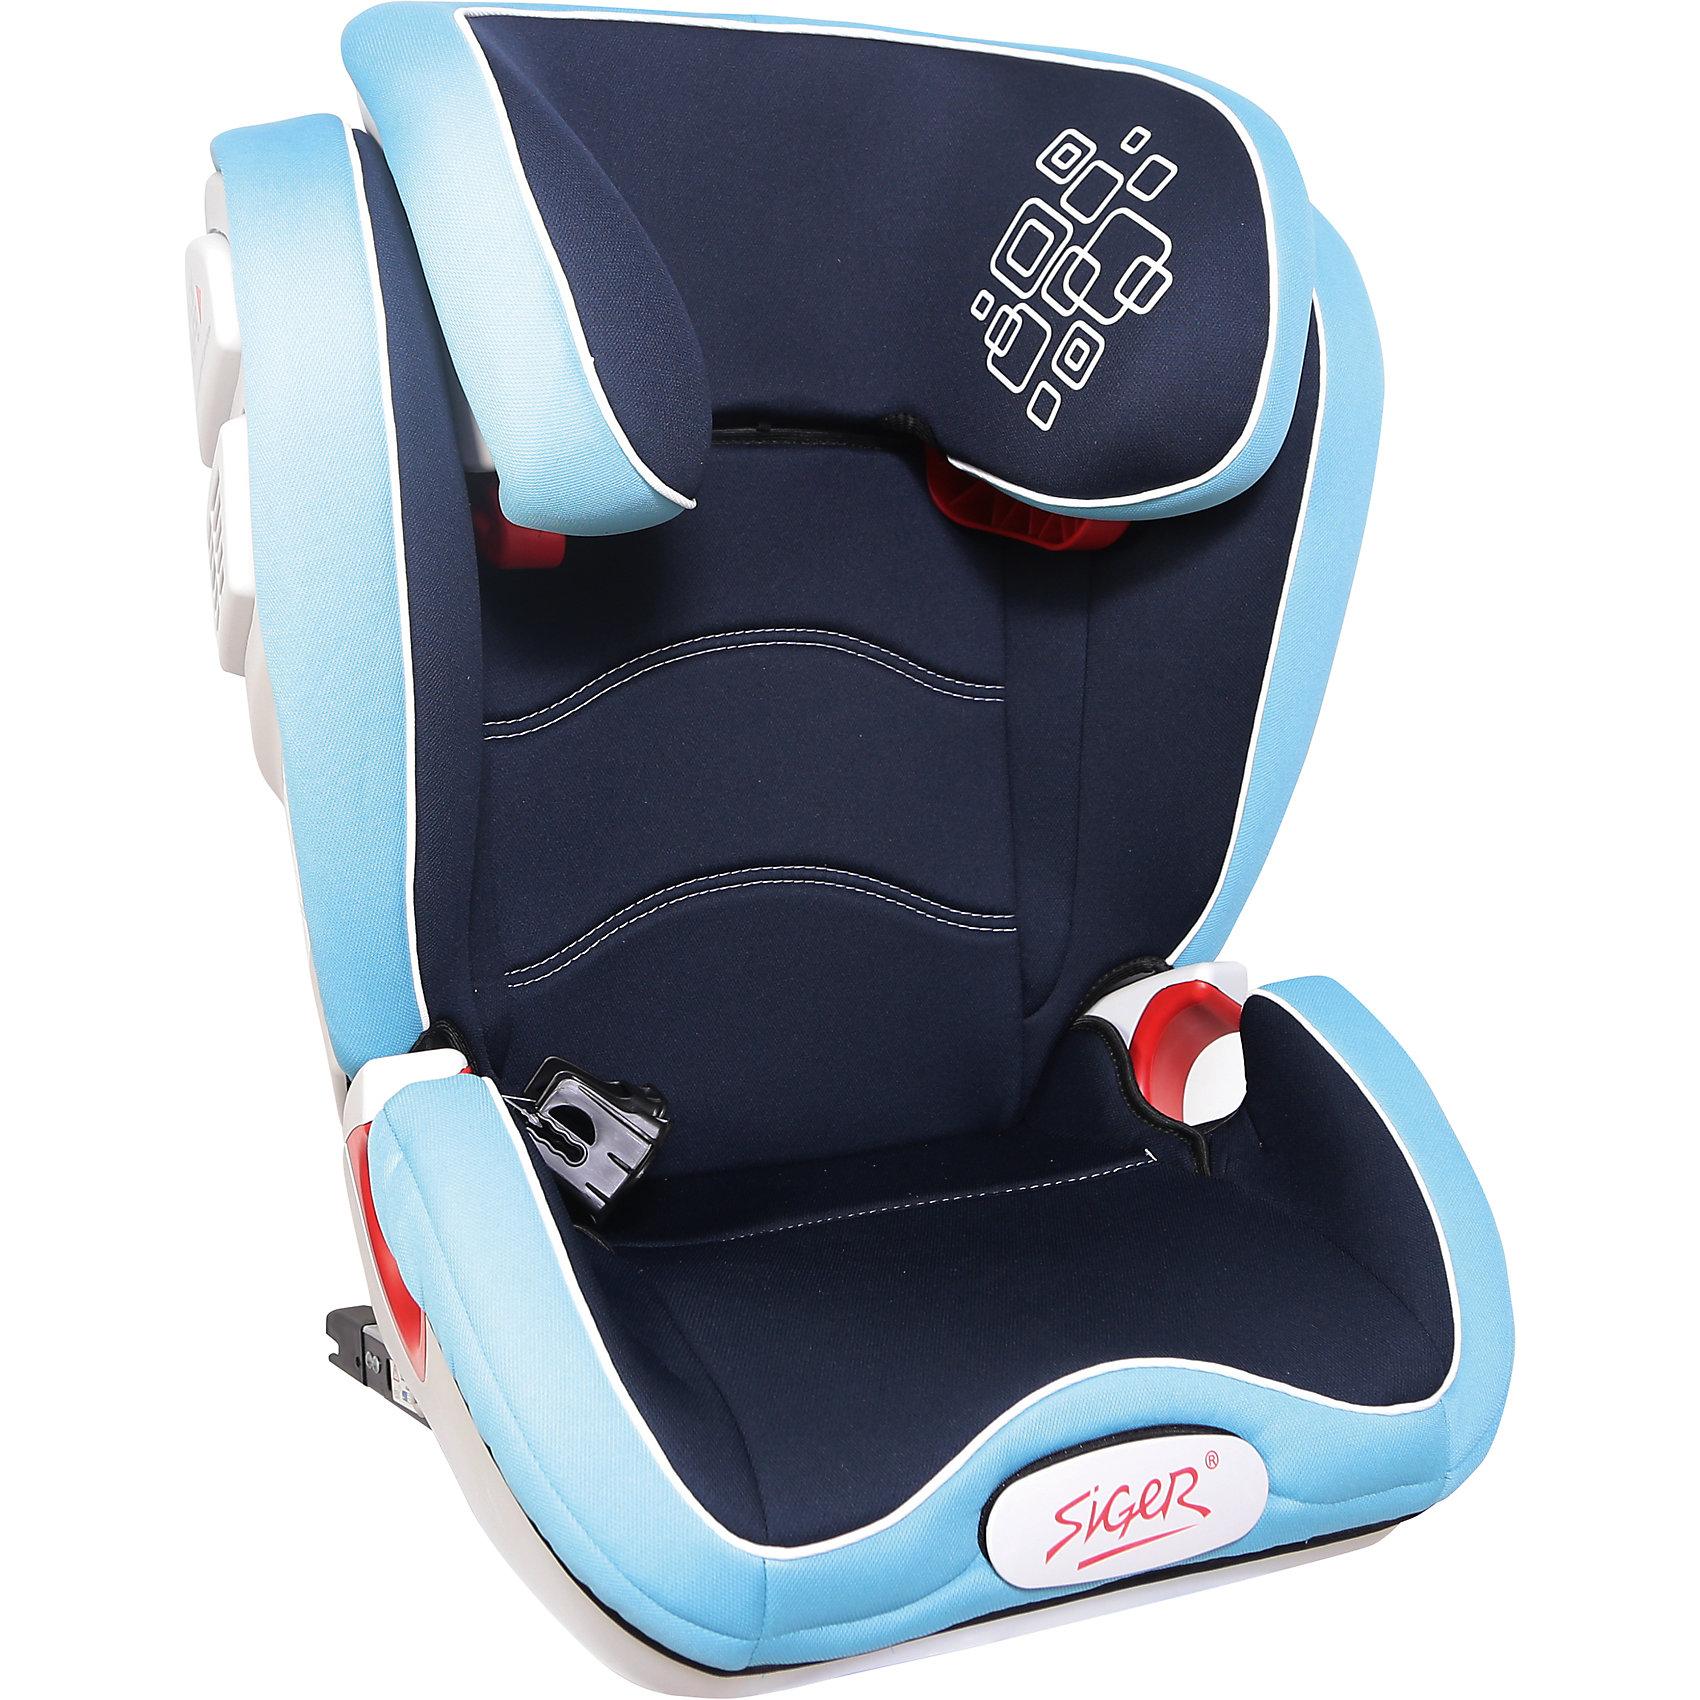 Автокресло Siger Олимп FIX 15-36 кг, синийГруппа 2-3 (От 15 до 36 кг)<br>Характеристики:<br><br>• группа: 2/3;<br>• вес ребенка: 15-36 кг;<br>• возраст ребенка: от 3 до 12 лет;<br>• способ крепления: Isofix;<br>• способ установки: по ходу движения автомобиля;<br>• усиленный каркас;<br>• подголовник регулируется по высоте;<br>• анатомическая форма кресла;<br>• посадочное место увеличено;<br>• имеется специальный фиксатор, который контролирует прохождение ремня;<br>• дополнительная защита от боковых ударов;<br>• перфорированная ткань в области спины;<br>• чехол снимается и стирается при температуре 30 градусов;<br>• материал: пластик, полиэстер;<br>• размер автокресла: 43,3х51,7х63,4 см;<br>• вес автокресла: 8,3 кг.<br><br>Автокресло группы 2-3 предназначено для детей в возрасте от 3 до 12 лет. Автокресло устанавливается на заднем сидении автомобиля лицом по ходу движения автомобиля, крепится с помощью системы Изофикс. Анатомическая форма кресла, увеличенное посадочное место, дополнительная защита в области головы и шеи. Подголовник регулируется - высота подбирается в зависимости от роста ребенка. <br><br>Автокресло Олимп FIX 15-36 кг., SIGER, цвет синий можно купить в нашем интернет-магазине.<br><br>Ширина мм: 430<br>Глубина мм: 511<br>Высота мм: 631<br>Вес г: 8300<br>Возраст от месяцев: 36<br>Возраст до месяцев: 144<br>Пол: Мужской<br>Возраст: Детский<br>SKU: 5409377